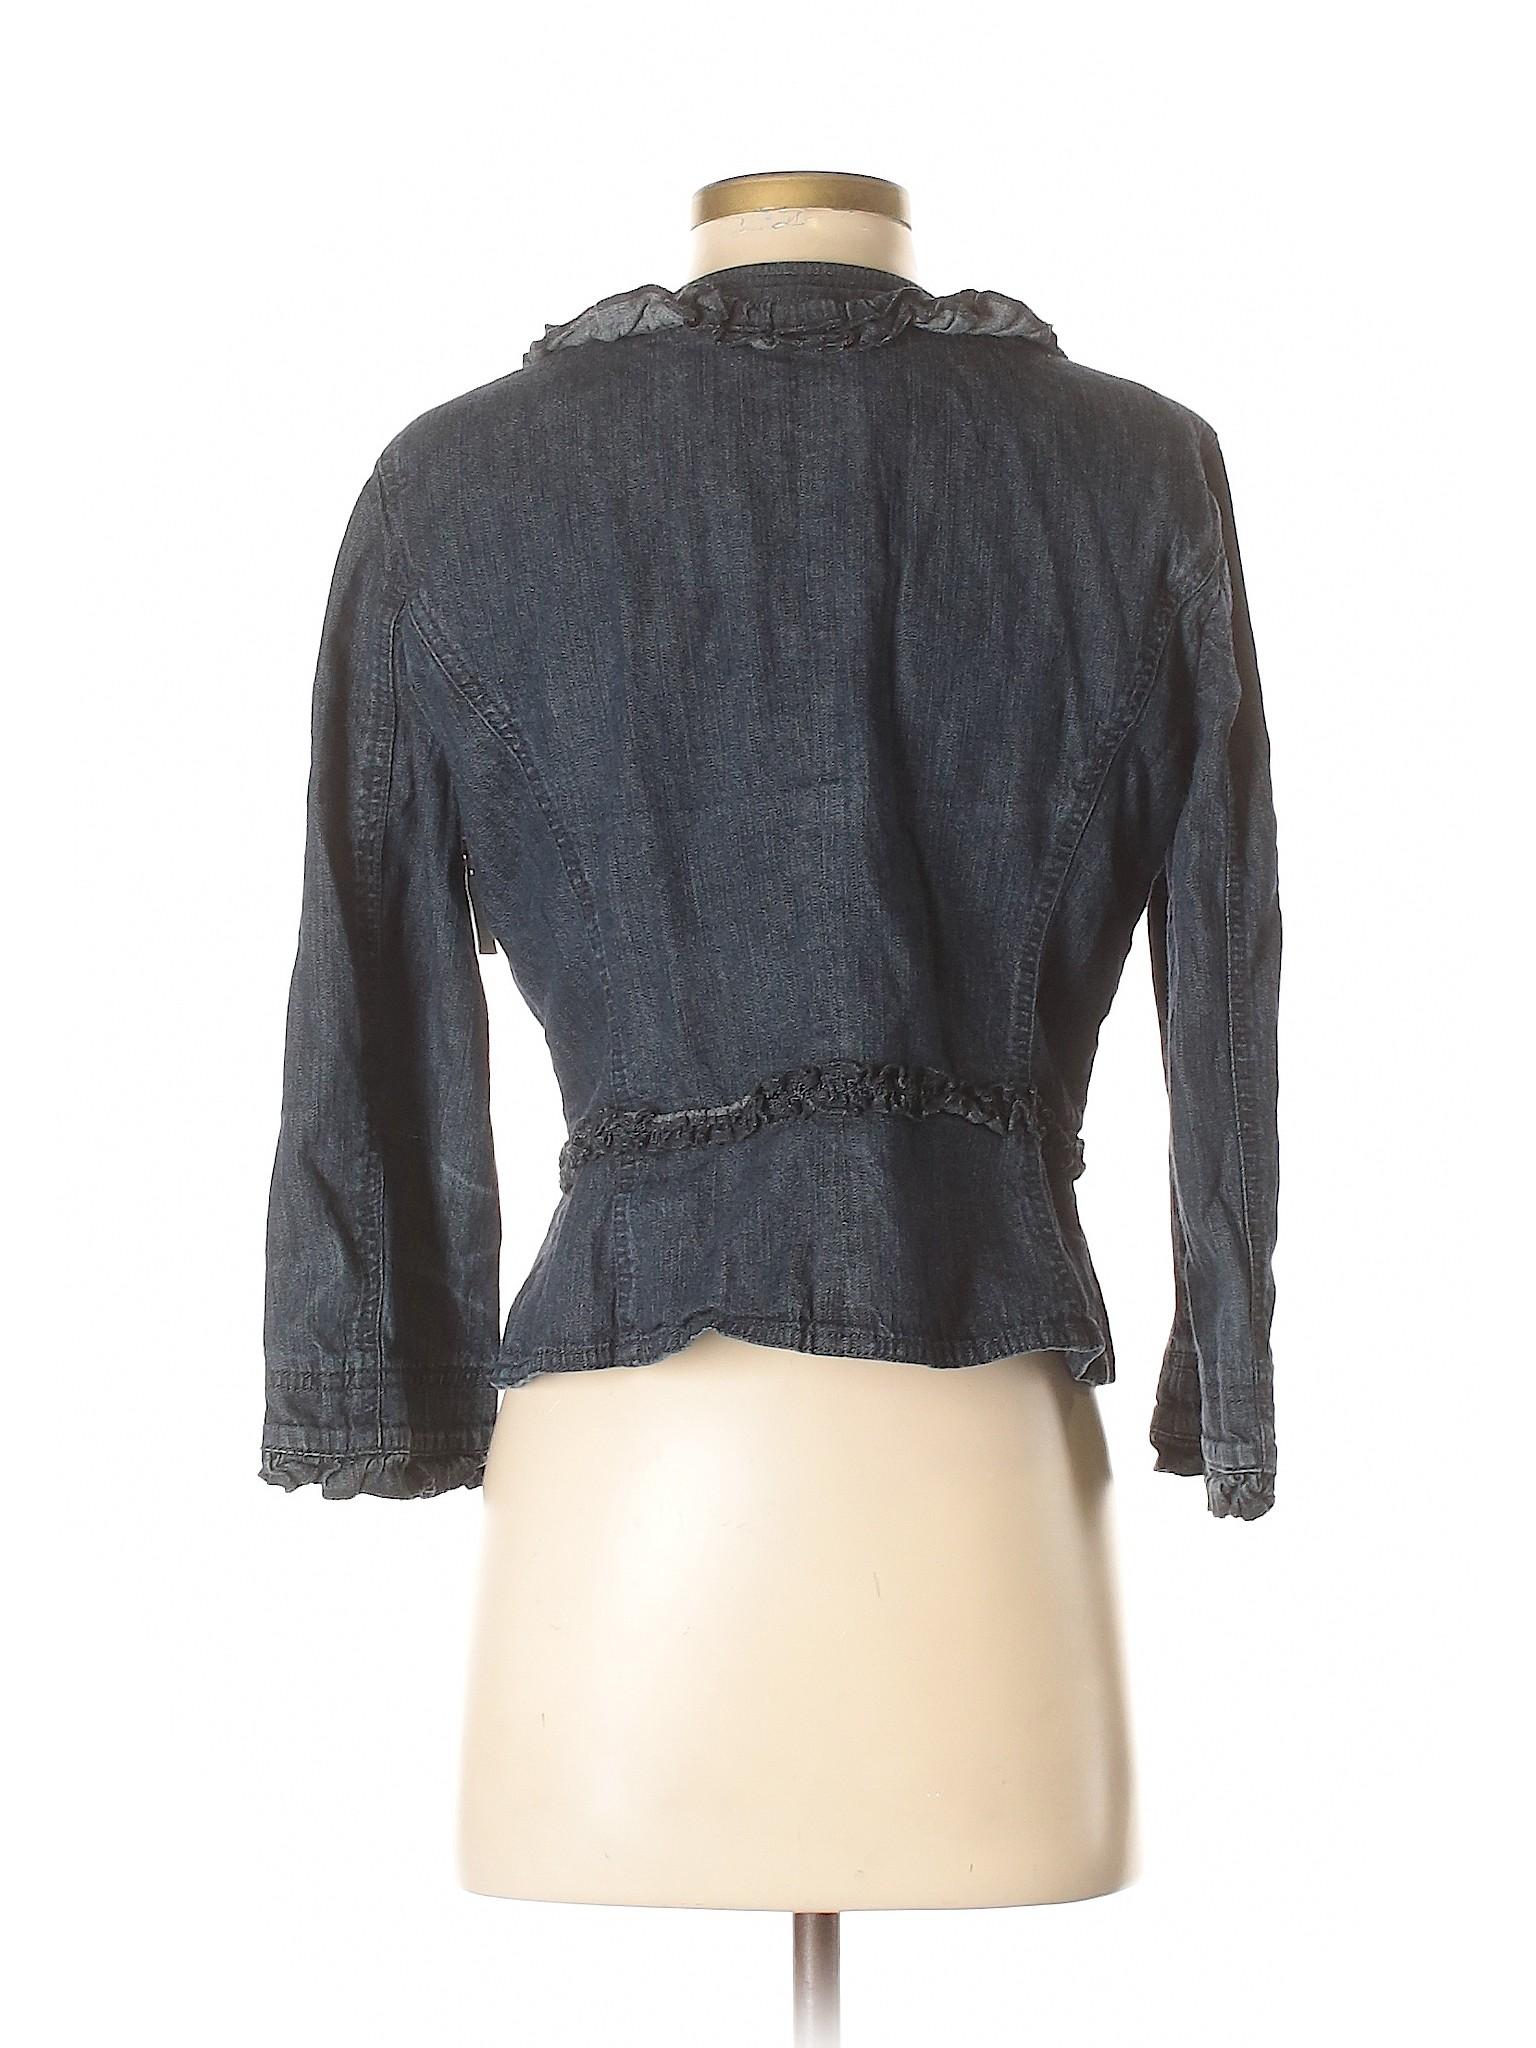 Ann Boutique Denim Jacket LOFT Taylor qxPFx8T